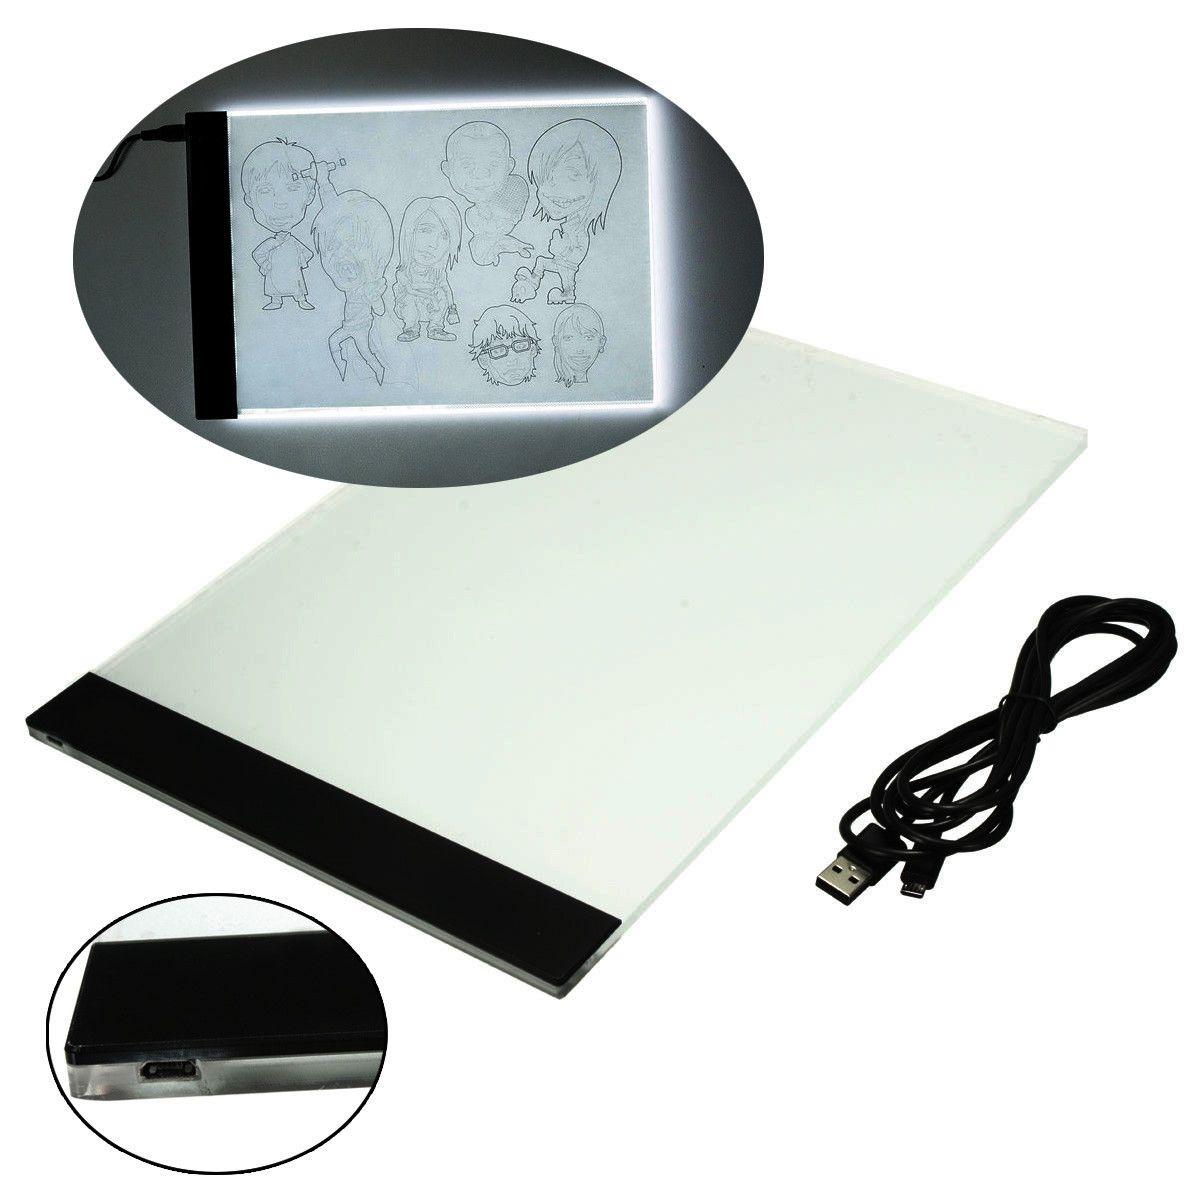 EZLIFE A4 Traçage Planche à Dessin LED Artiste Mince Art Stencil Bord Boîte à Lumière Traçage Planche à Dessin